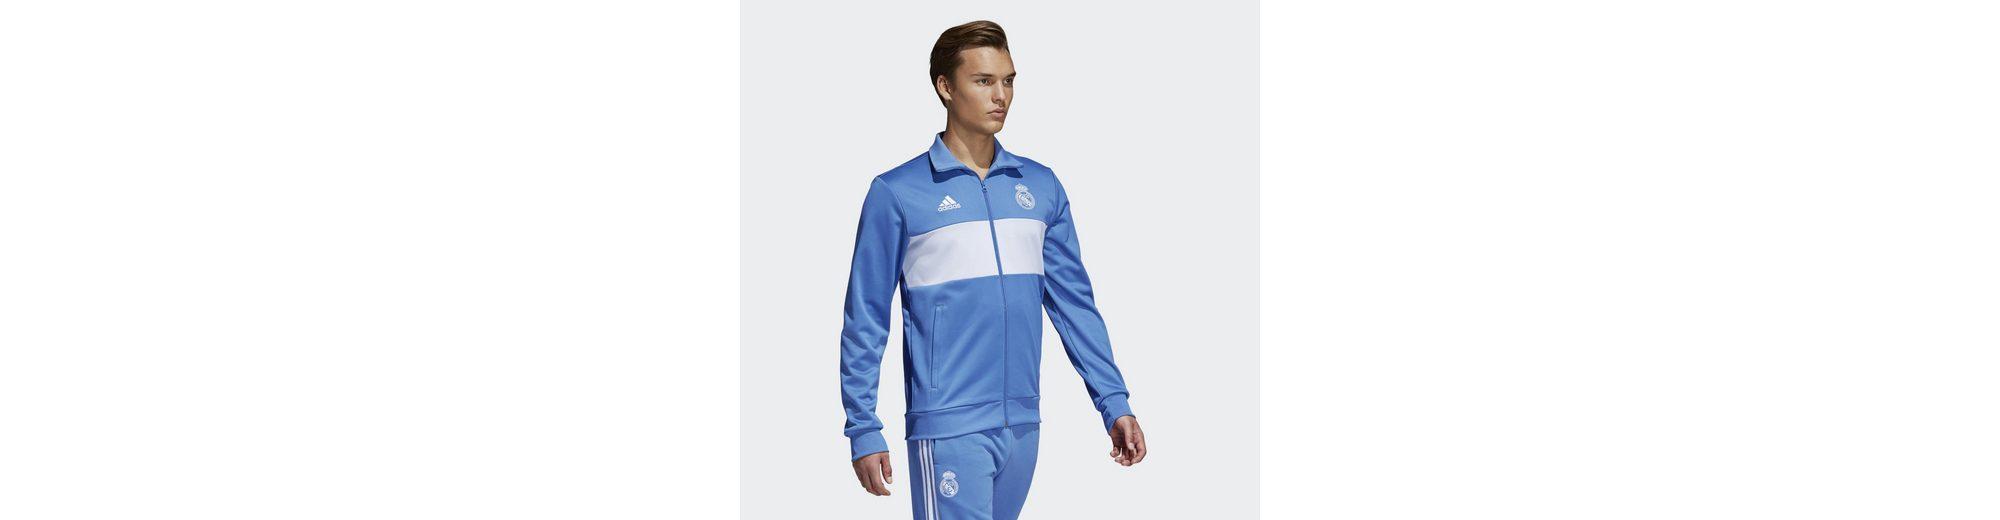 Rabatt Hohe Qualität adidas Performance Funktions-Kapuzensweatjacke Real Madrid Vermarktbare Verkauf Online O68KVbI